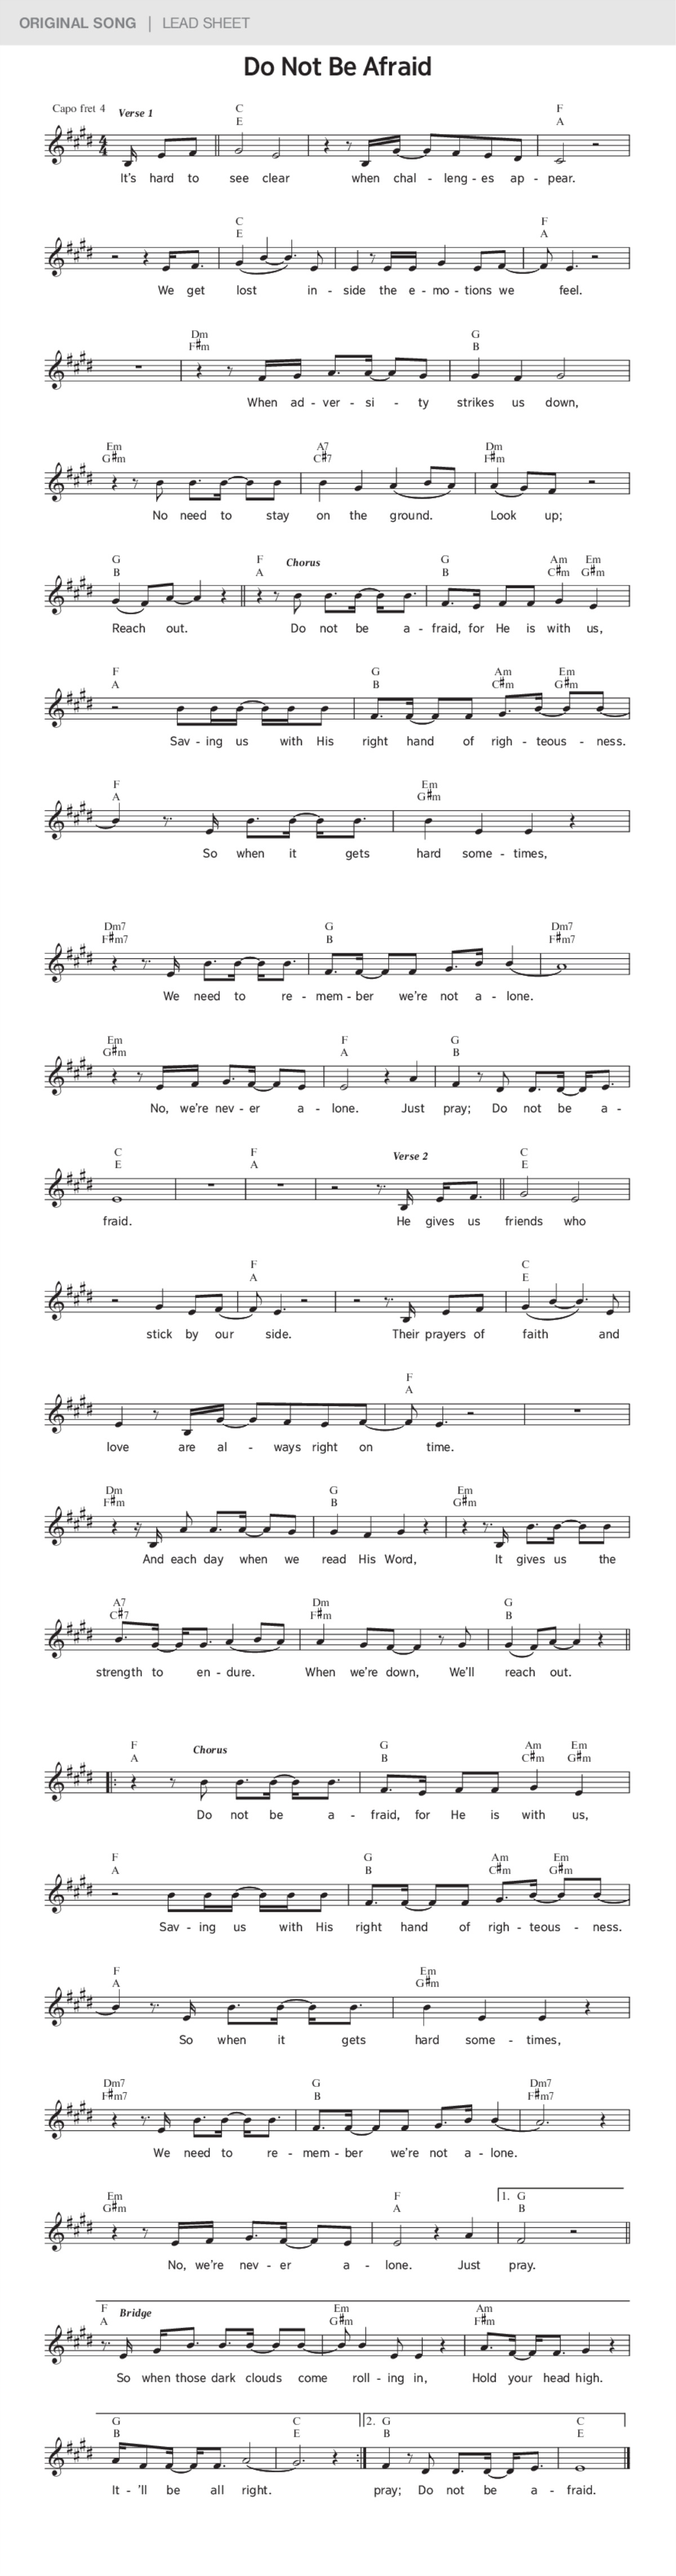 Do Not Be Afraid | JW ORG Original Song